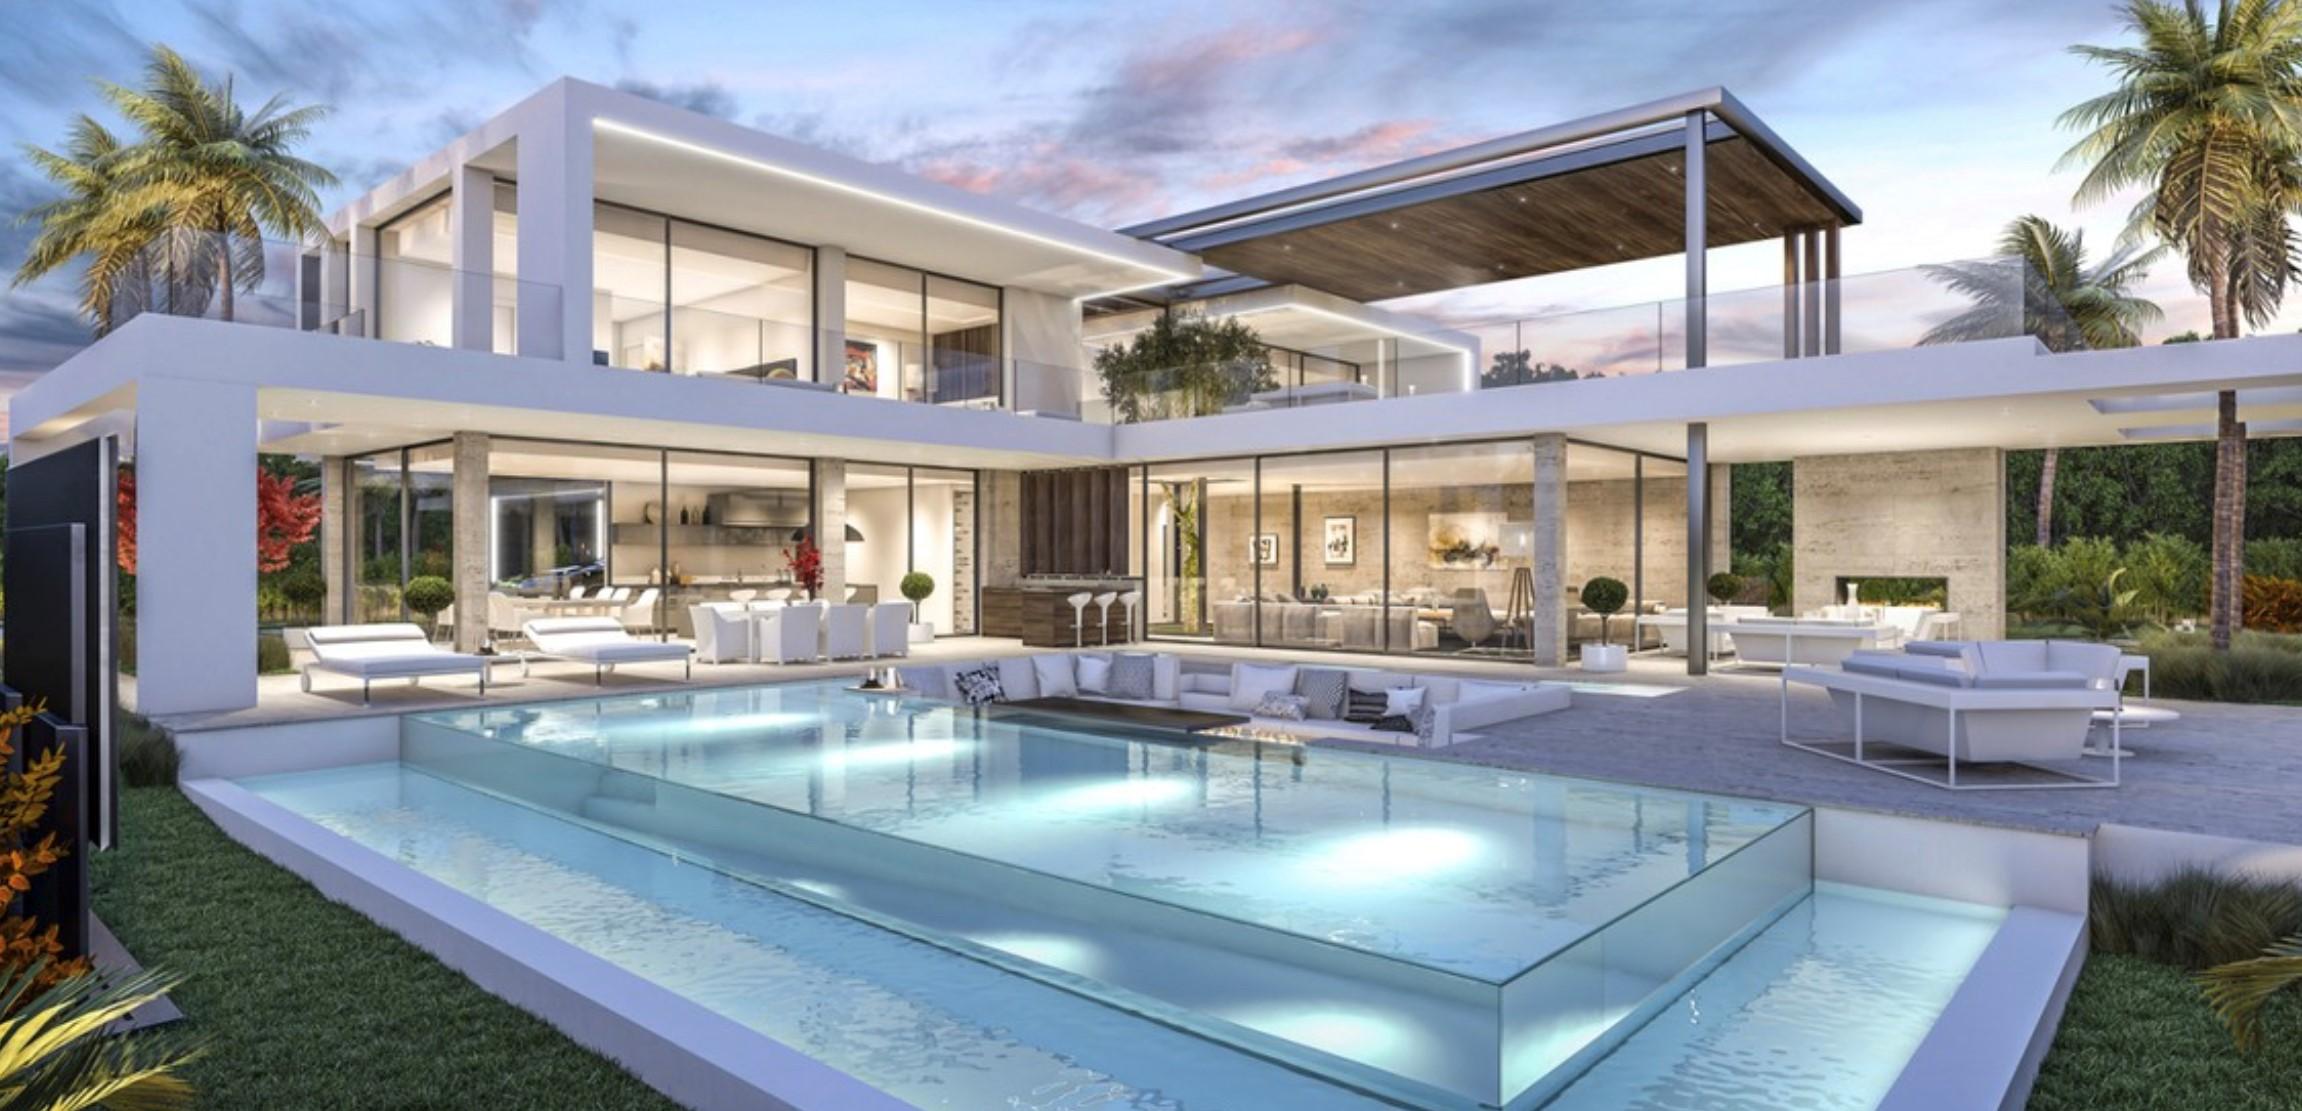 Estepona villa €4.500.000